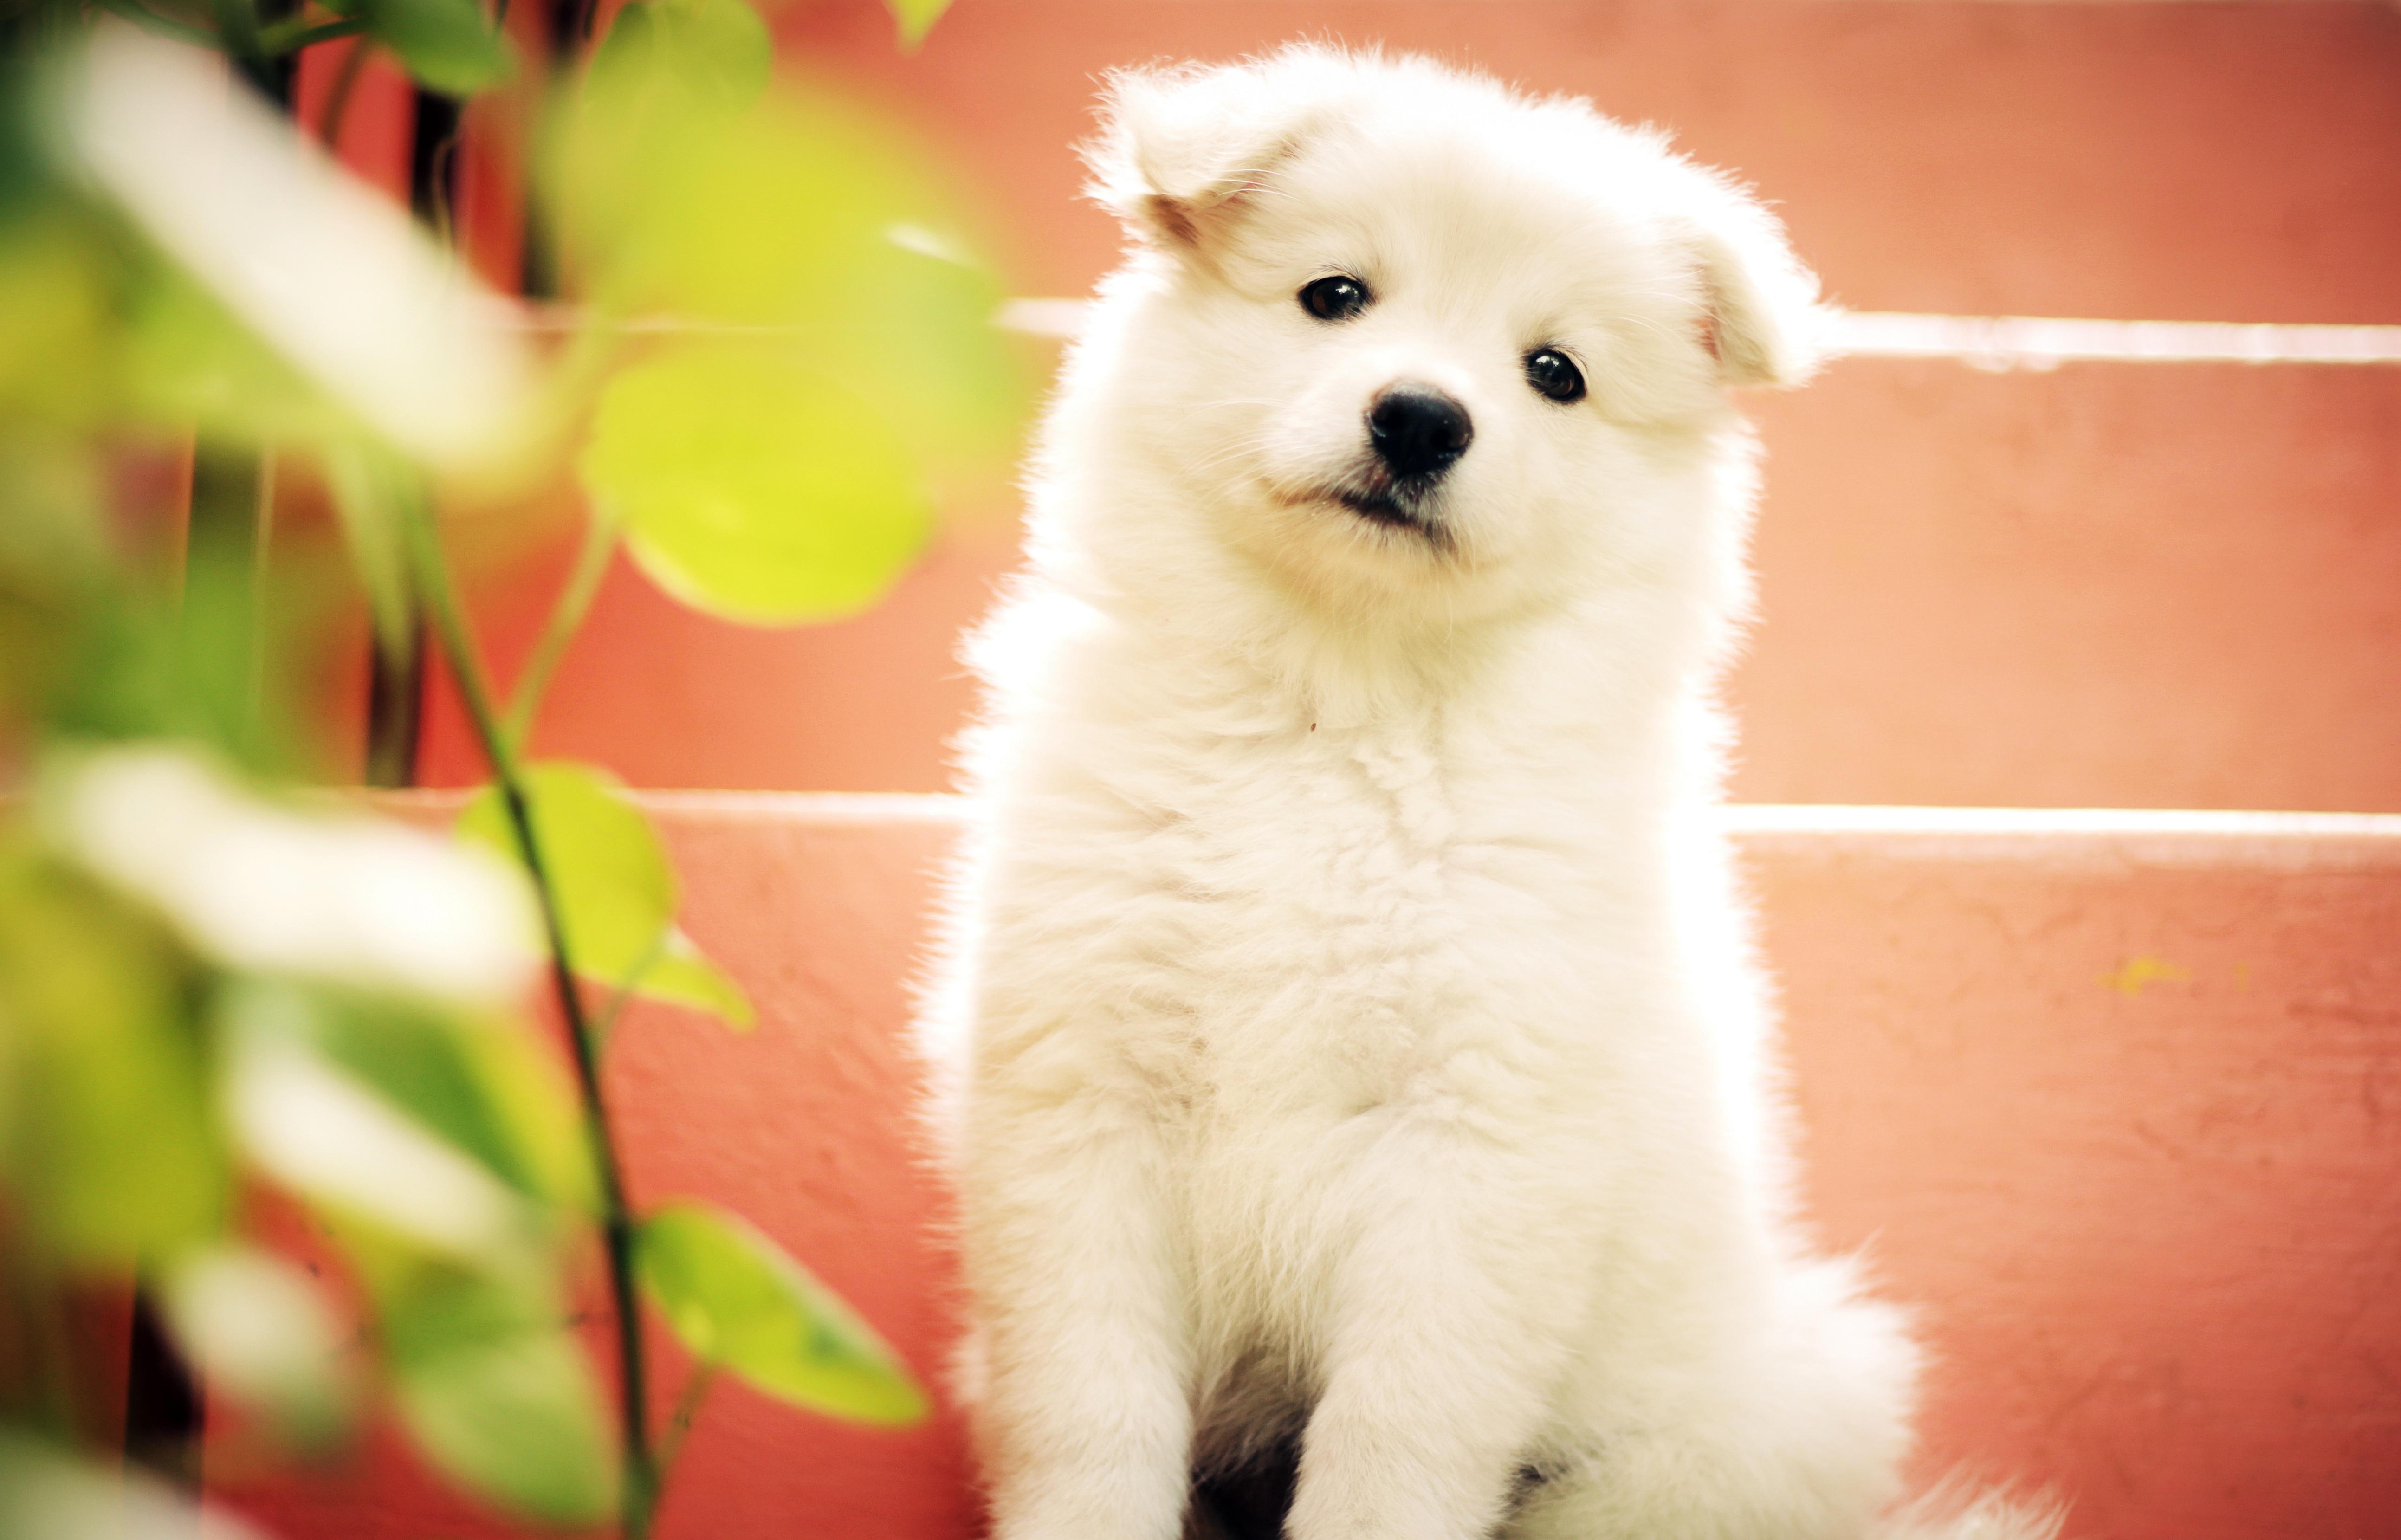 Gambar Putih Manis Anak Anjing Hewan Imut Melihat Membelai Bulu Muda Duduk Kecil Binatang Menyusui Teman Bertulang Belakang Lokal Menarik Buntang Jenis Anjing Berkembang Biak Samoyed Cute Puppy Akita Inu Anjing